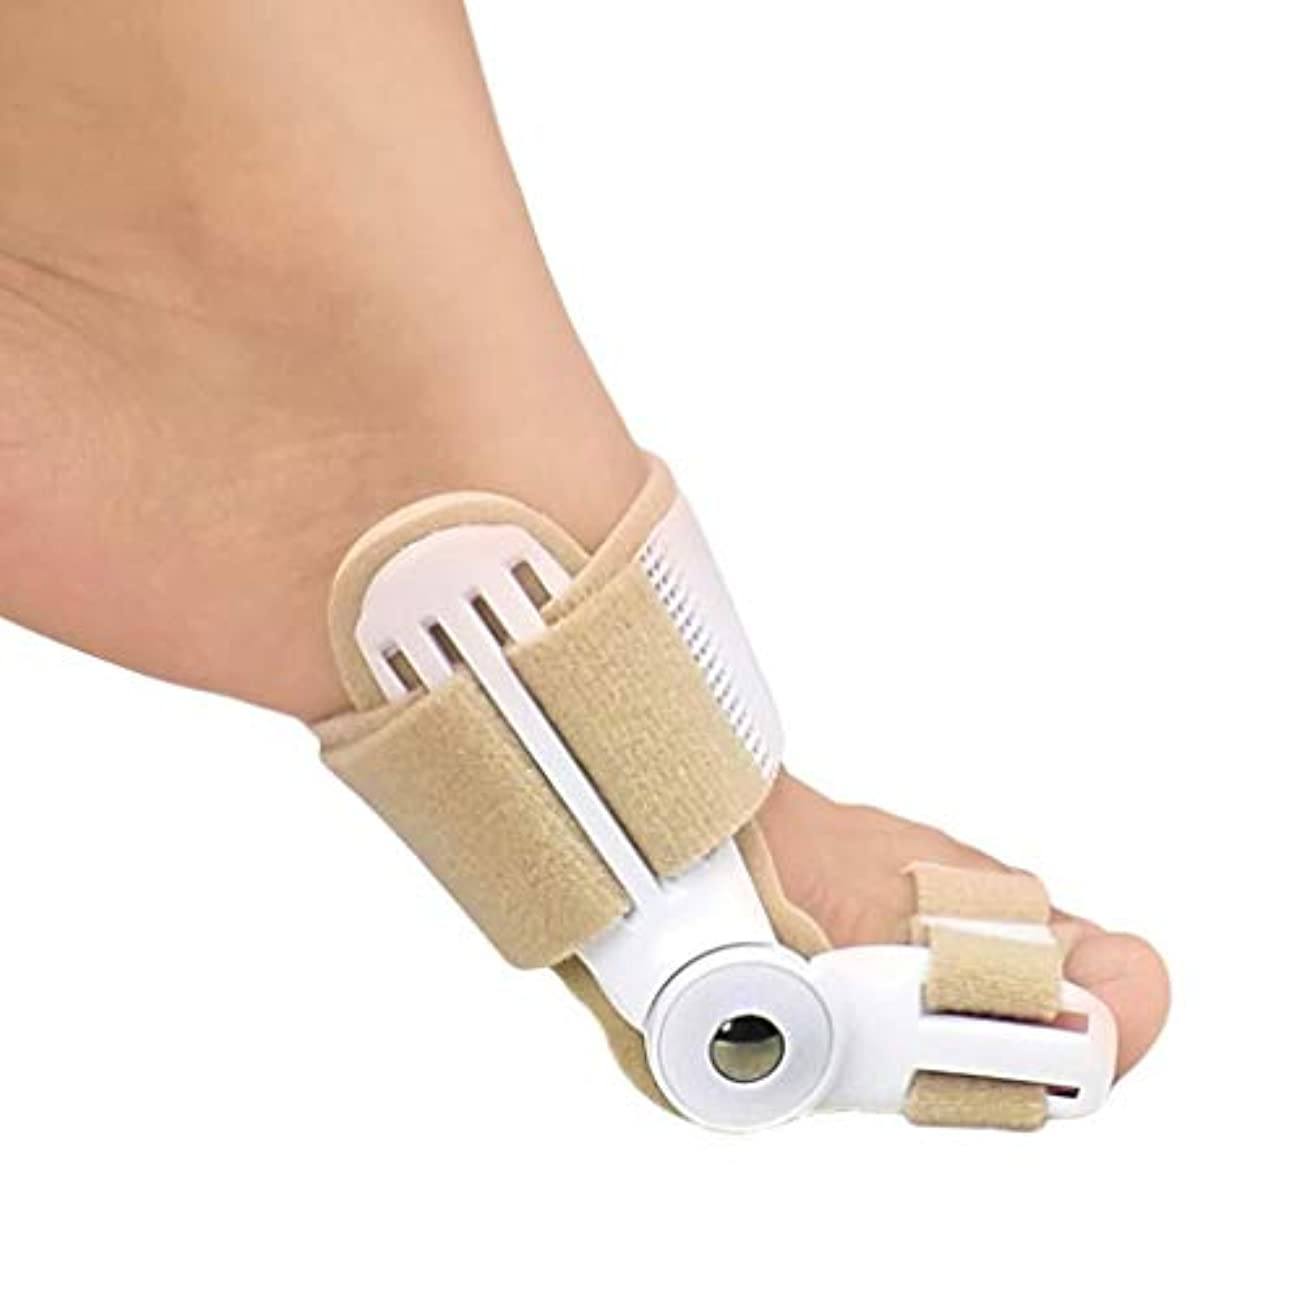 マークファンド捧げるBunion Corrector Bunion SplintsとBig Toe Straightteners SeparatorナイトタイムHallux外陰部のスプリント、Bunion Relief (Size : Medium)